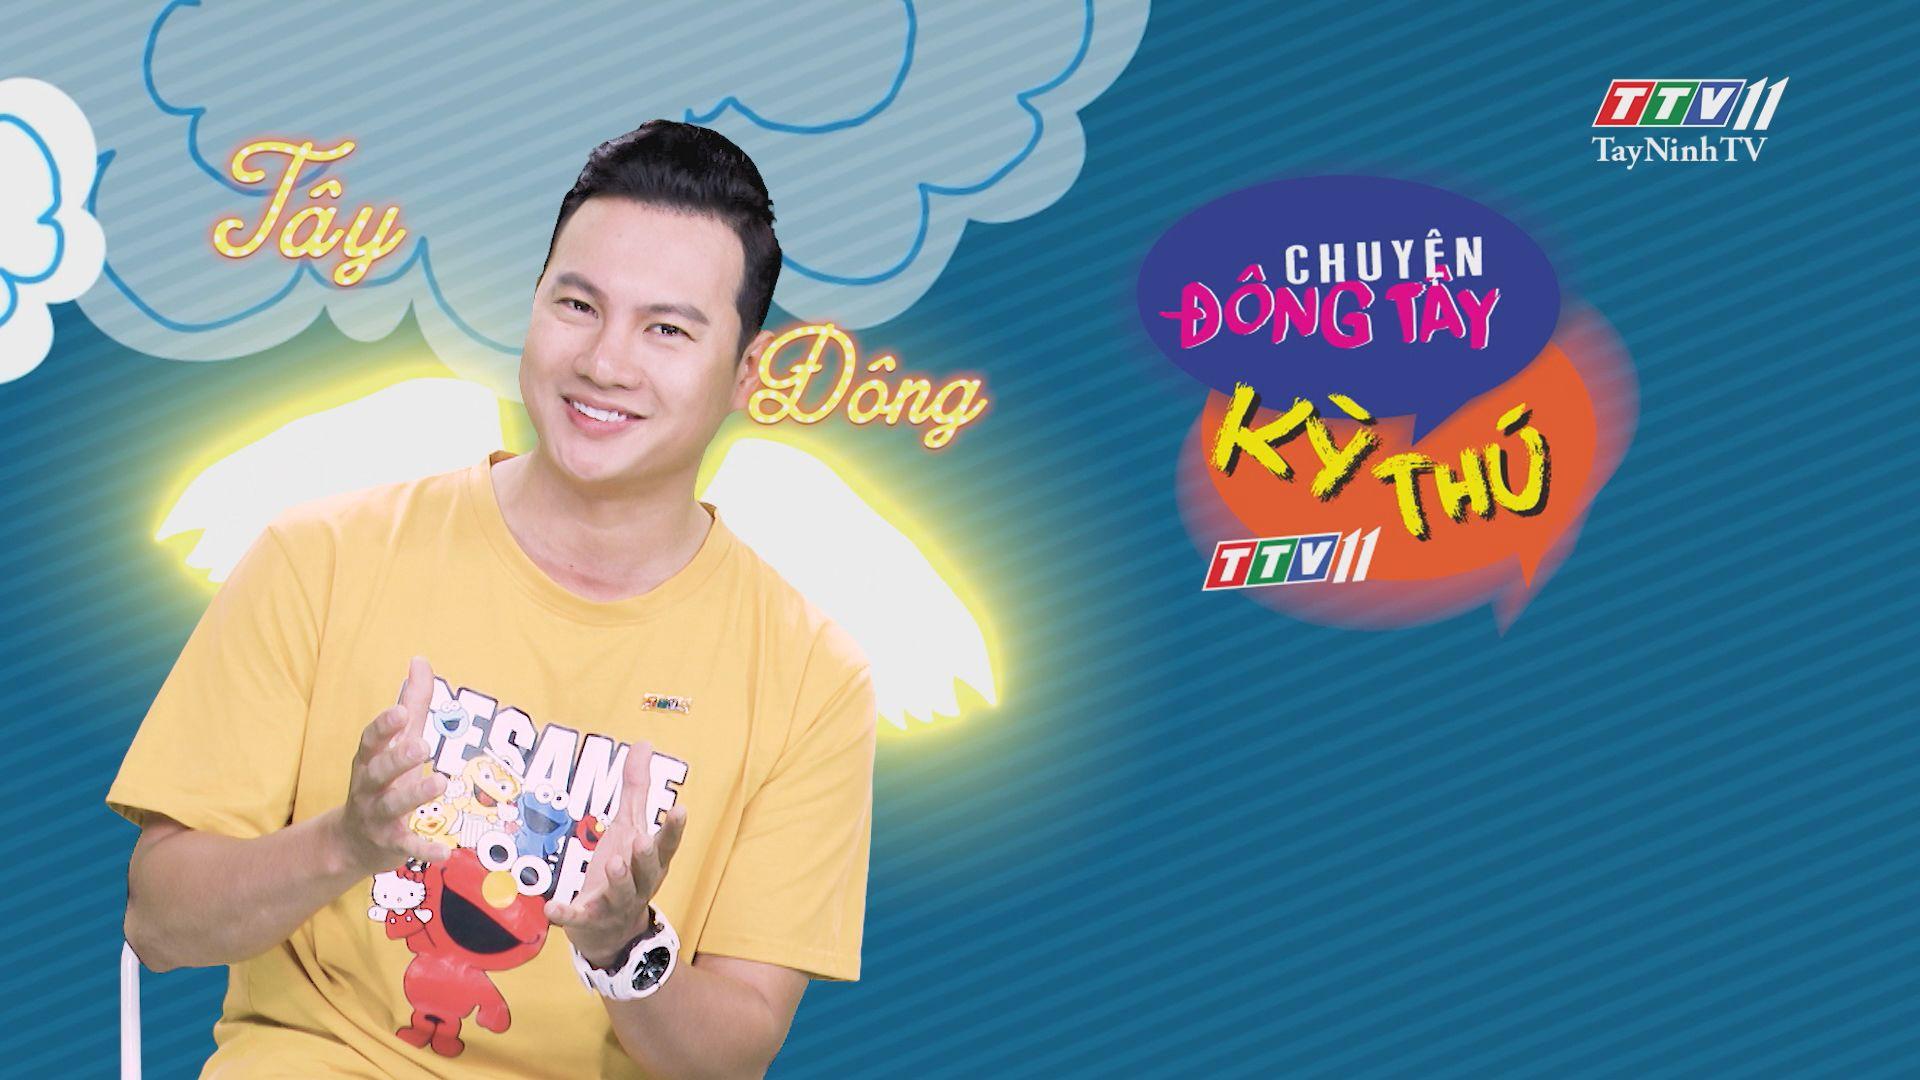 Chuyện Đông Tây Kỳ Thú 19-7-2020 | TayNinhTV